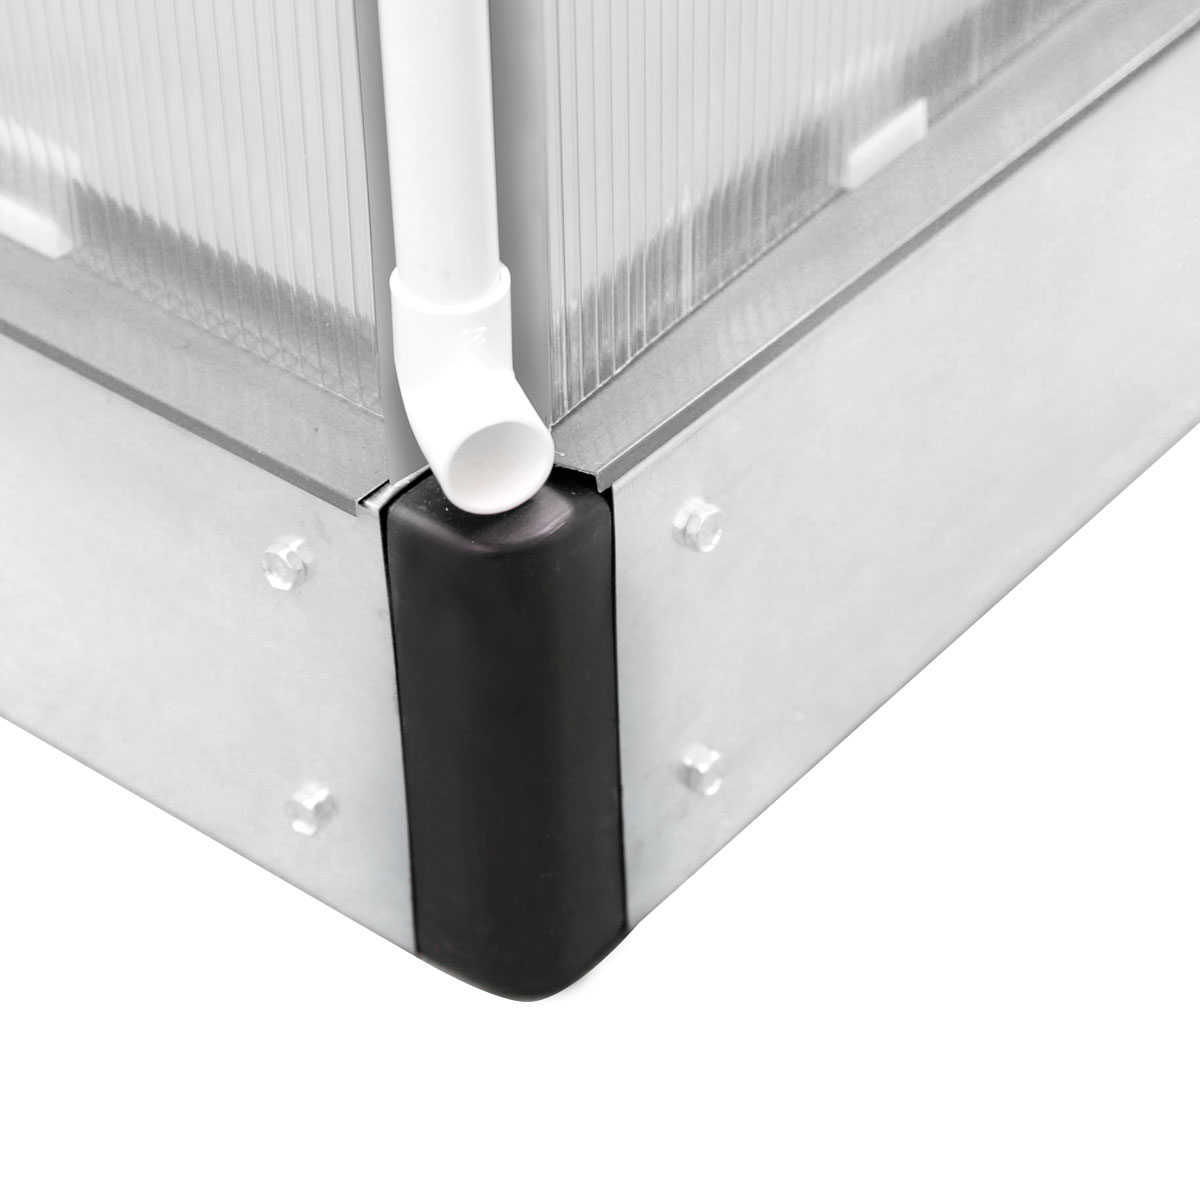 aluminium gew chshaus mit stahlfundament 17 2 m treibhaus glashaus 6mm platten ebay. Black Bedroom Furniture Sets. Home Design Ideas